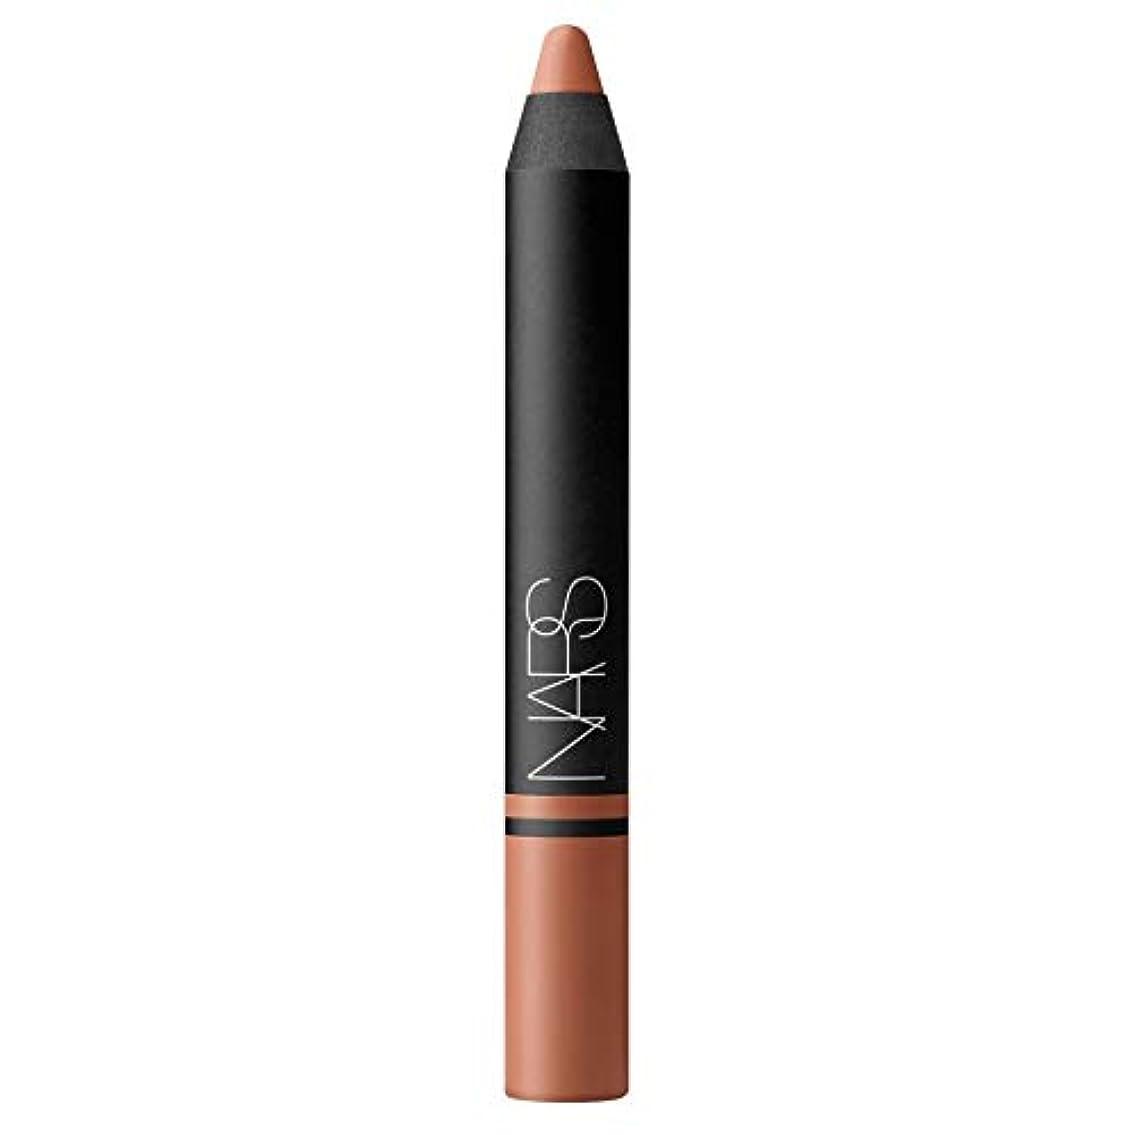 コンデンサー好み小説[NARS] ベッラ島でのNarサテンリップペンシル - Nars Satin Lip Pencil in Isola Bella [並行輸入品]